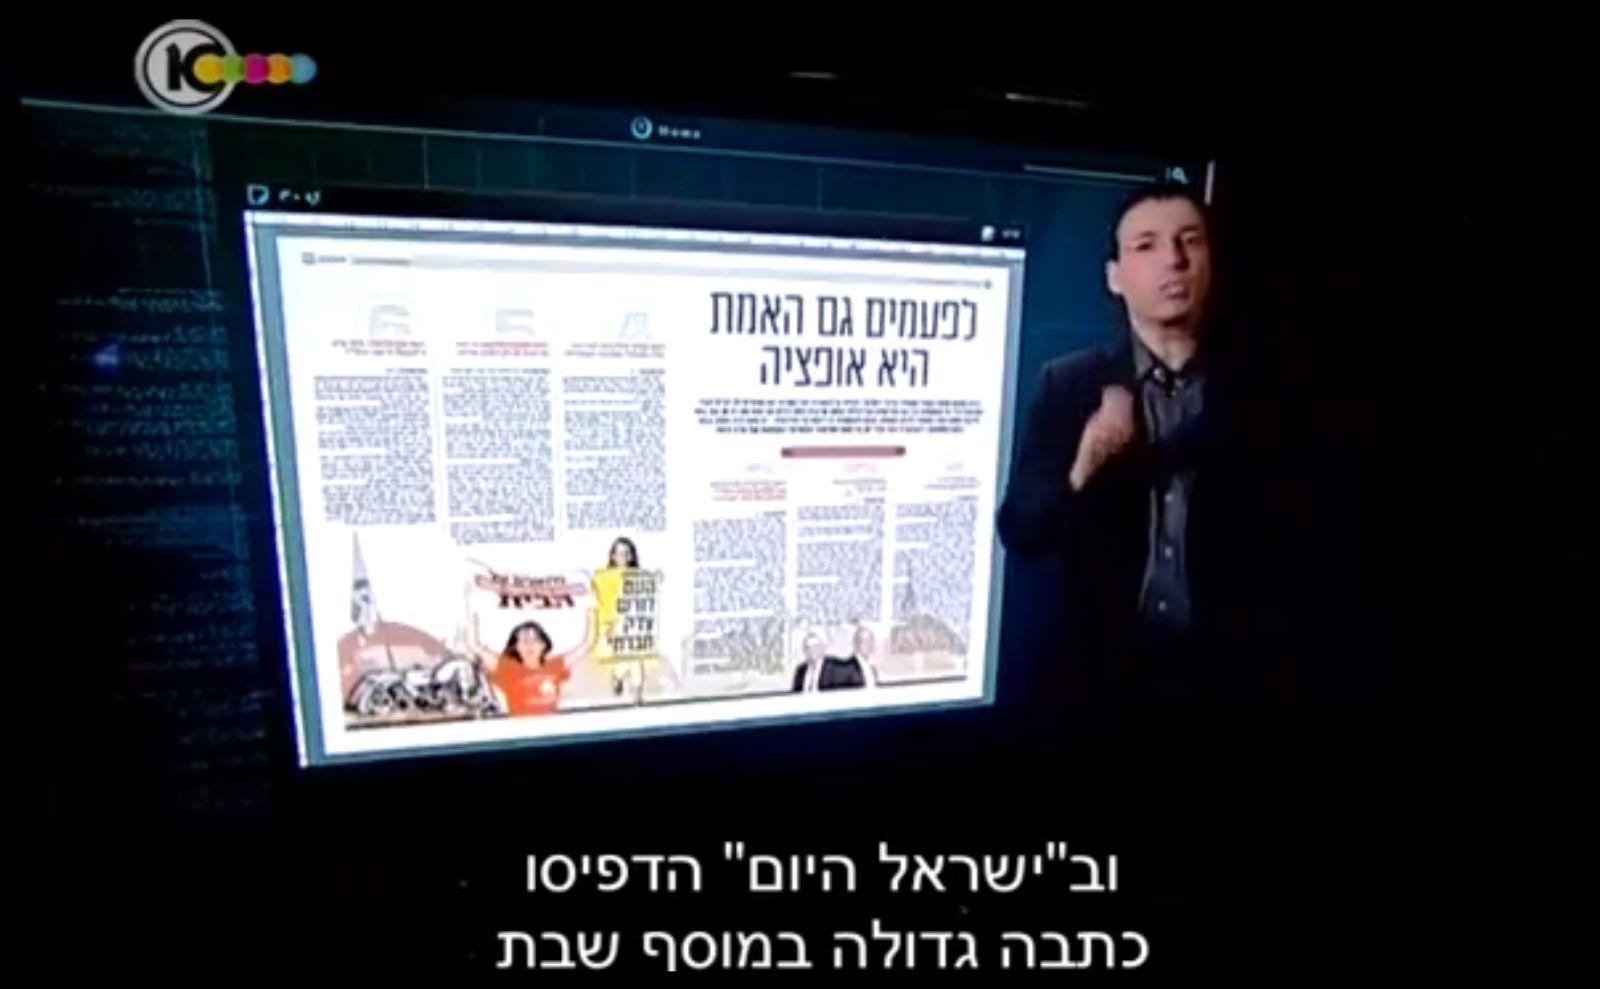 """דרוקר, מתוך תחקיר """"המקור"""" על """"ישראל היום"""", 2013 (צילום מסך)"""